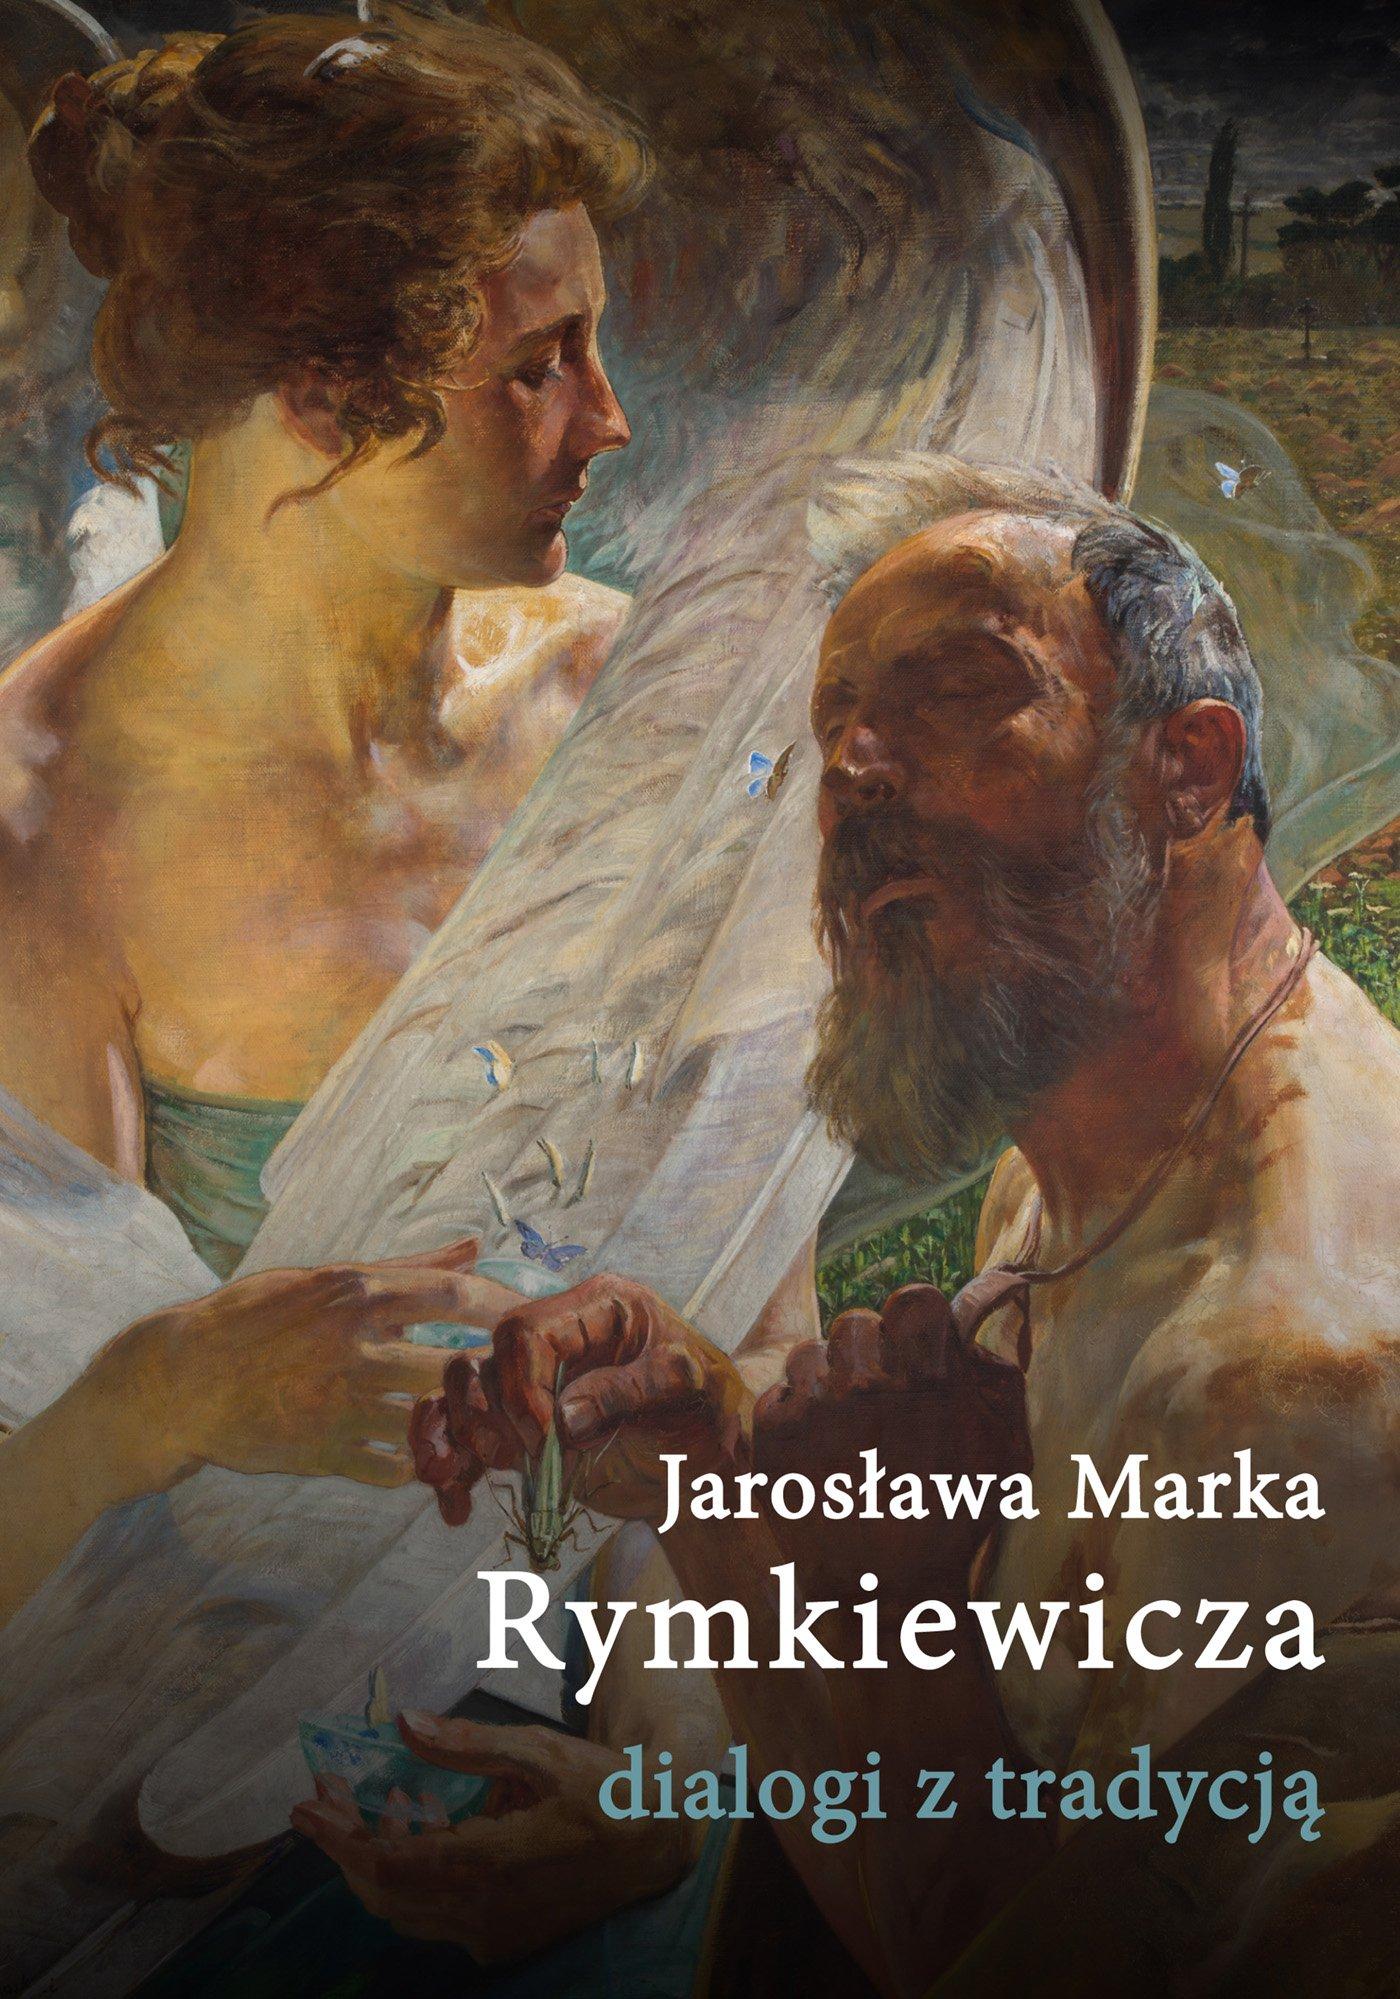 Jarosława Marka Rymkiewicza dialogi z tradycją - Ebook (Książka EPUB) do pobrania w formacie EPUB